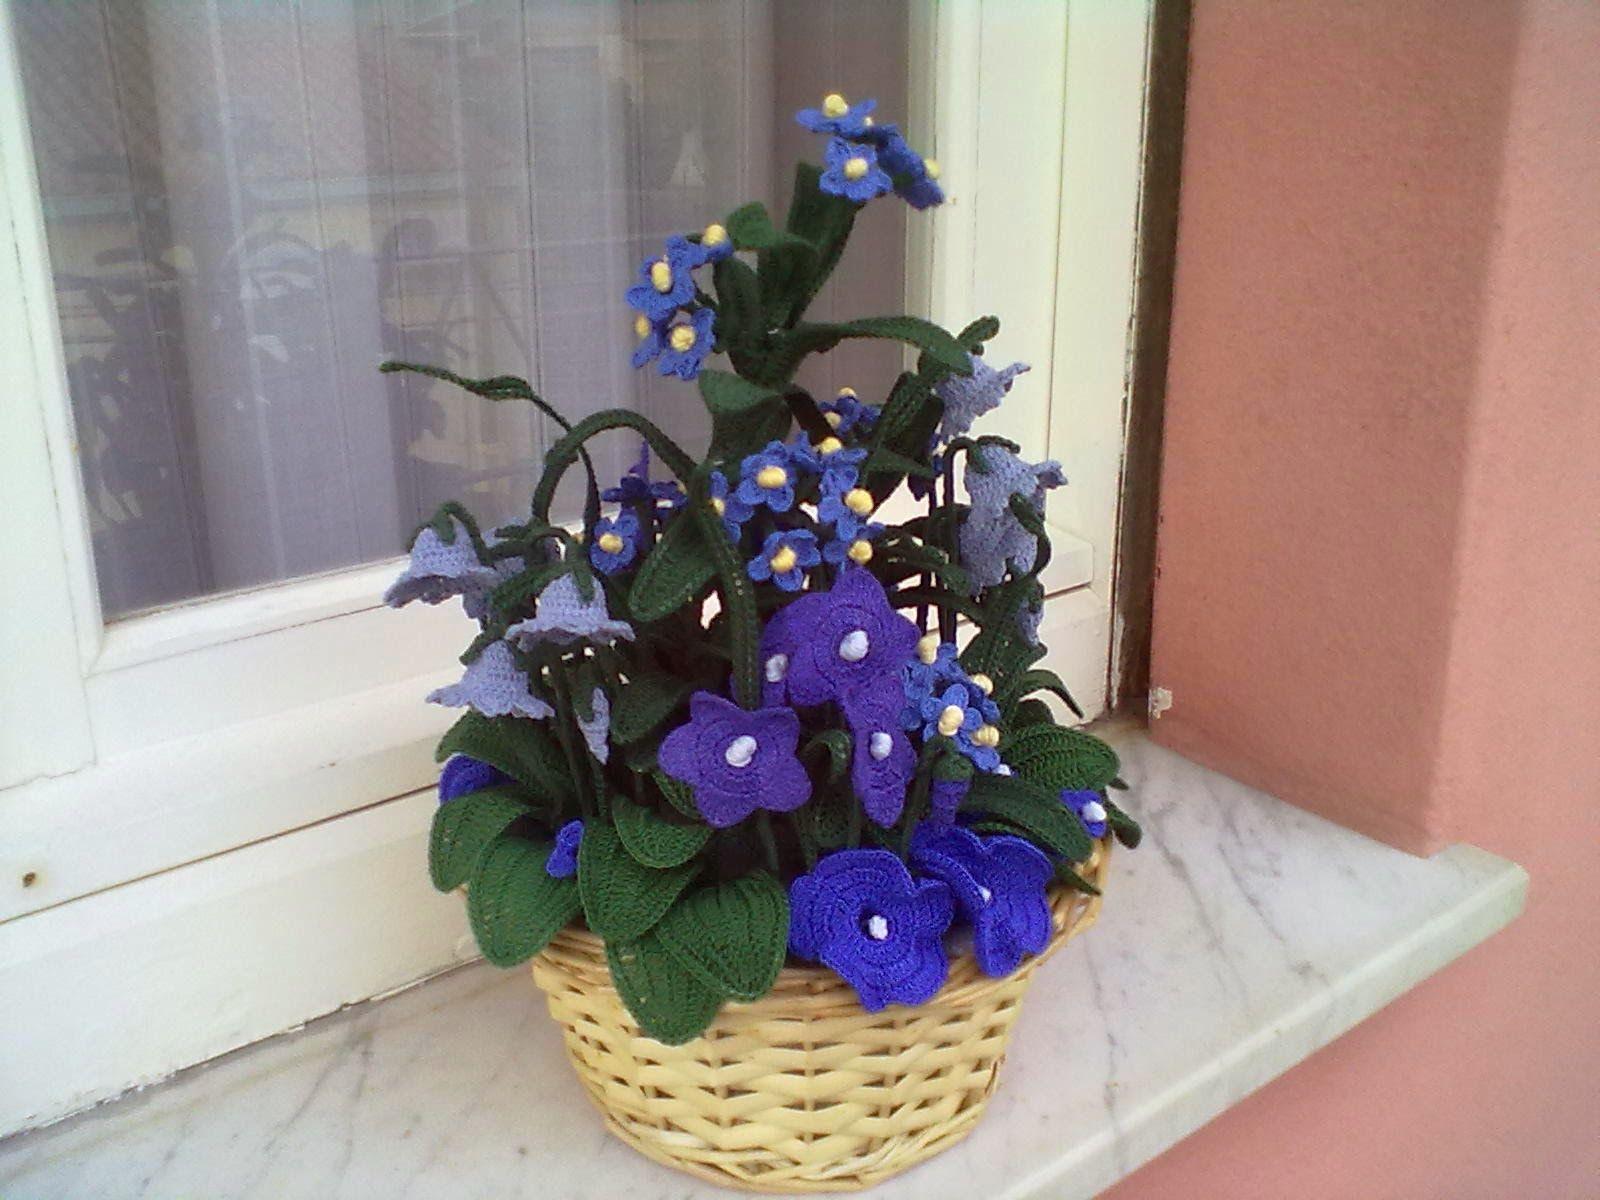 Il blog di sam composizione di fiori azzurri all for Il blog di sam piante grasse